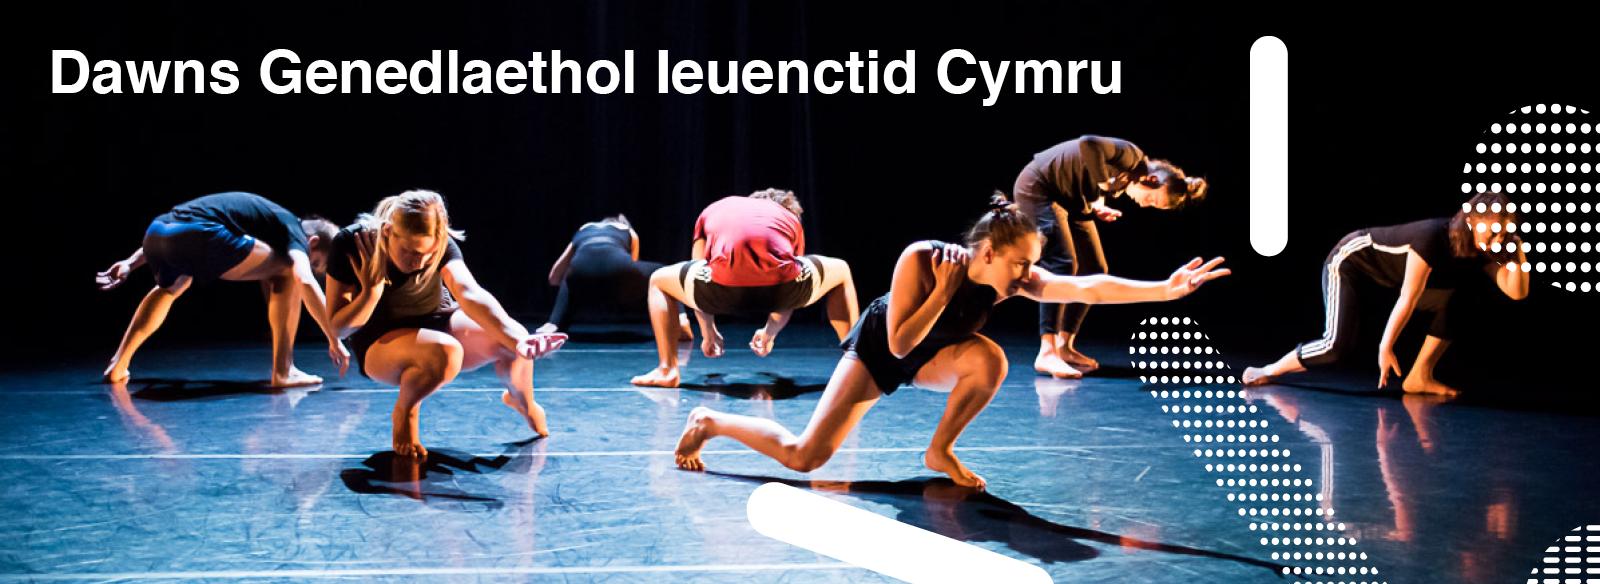 Cerddorfa Genedlaethol Ieuenctid Cymru.png